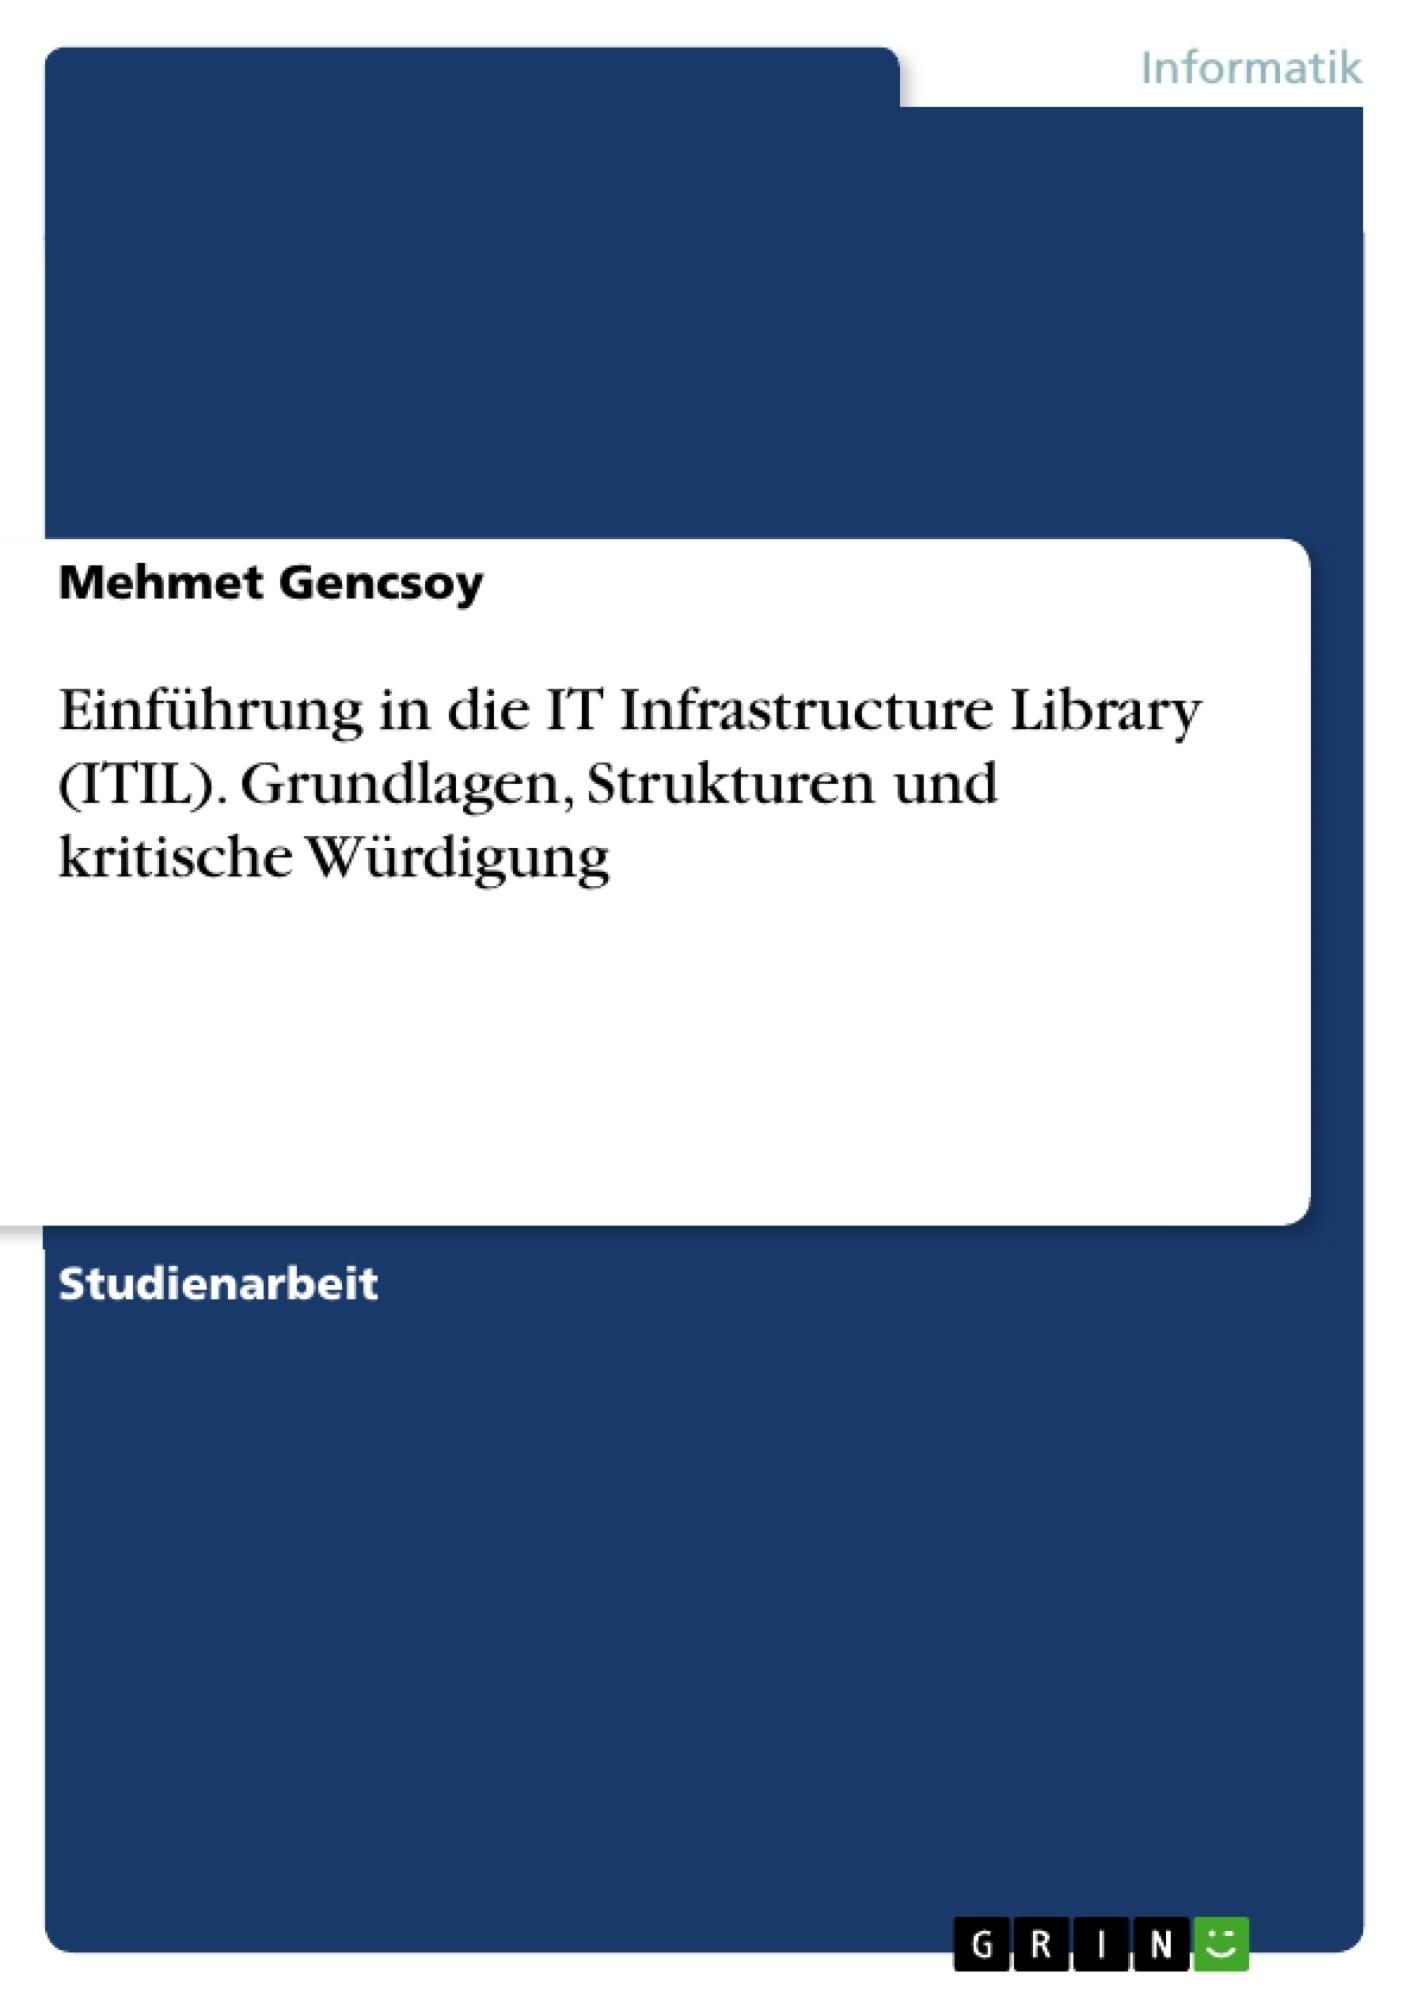 Titel: Einführung in die IT Infrastructure Library (ITIL). Grundlagen, Strukturen und kritische Würdigung